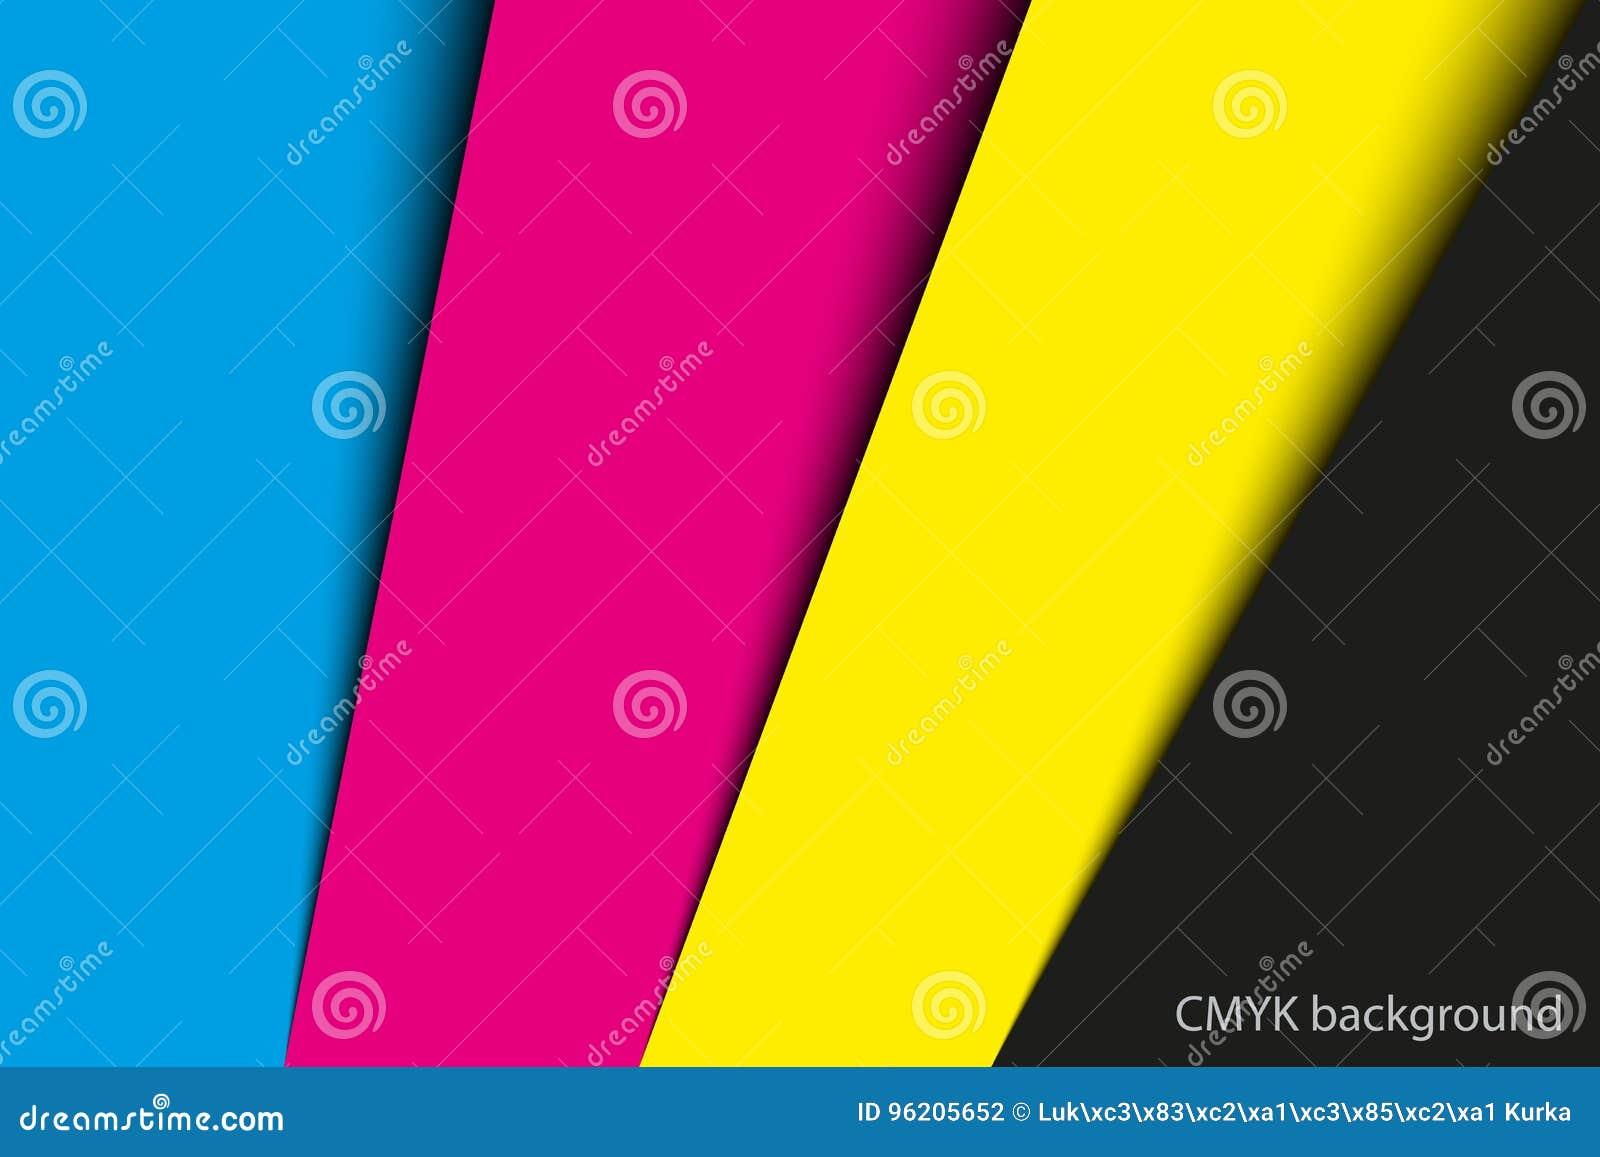 Fond abstrait, feuilles de papier dans des couleurs de cmyk